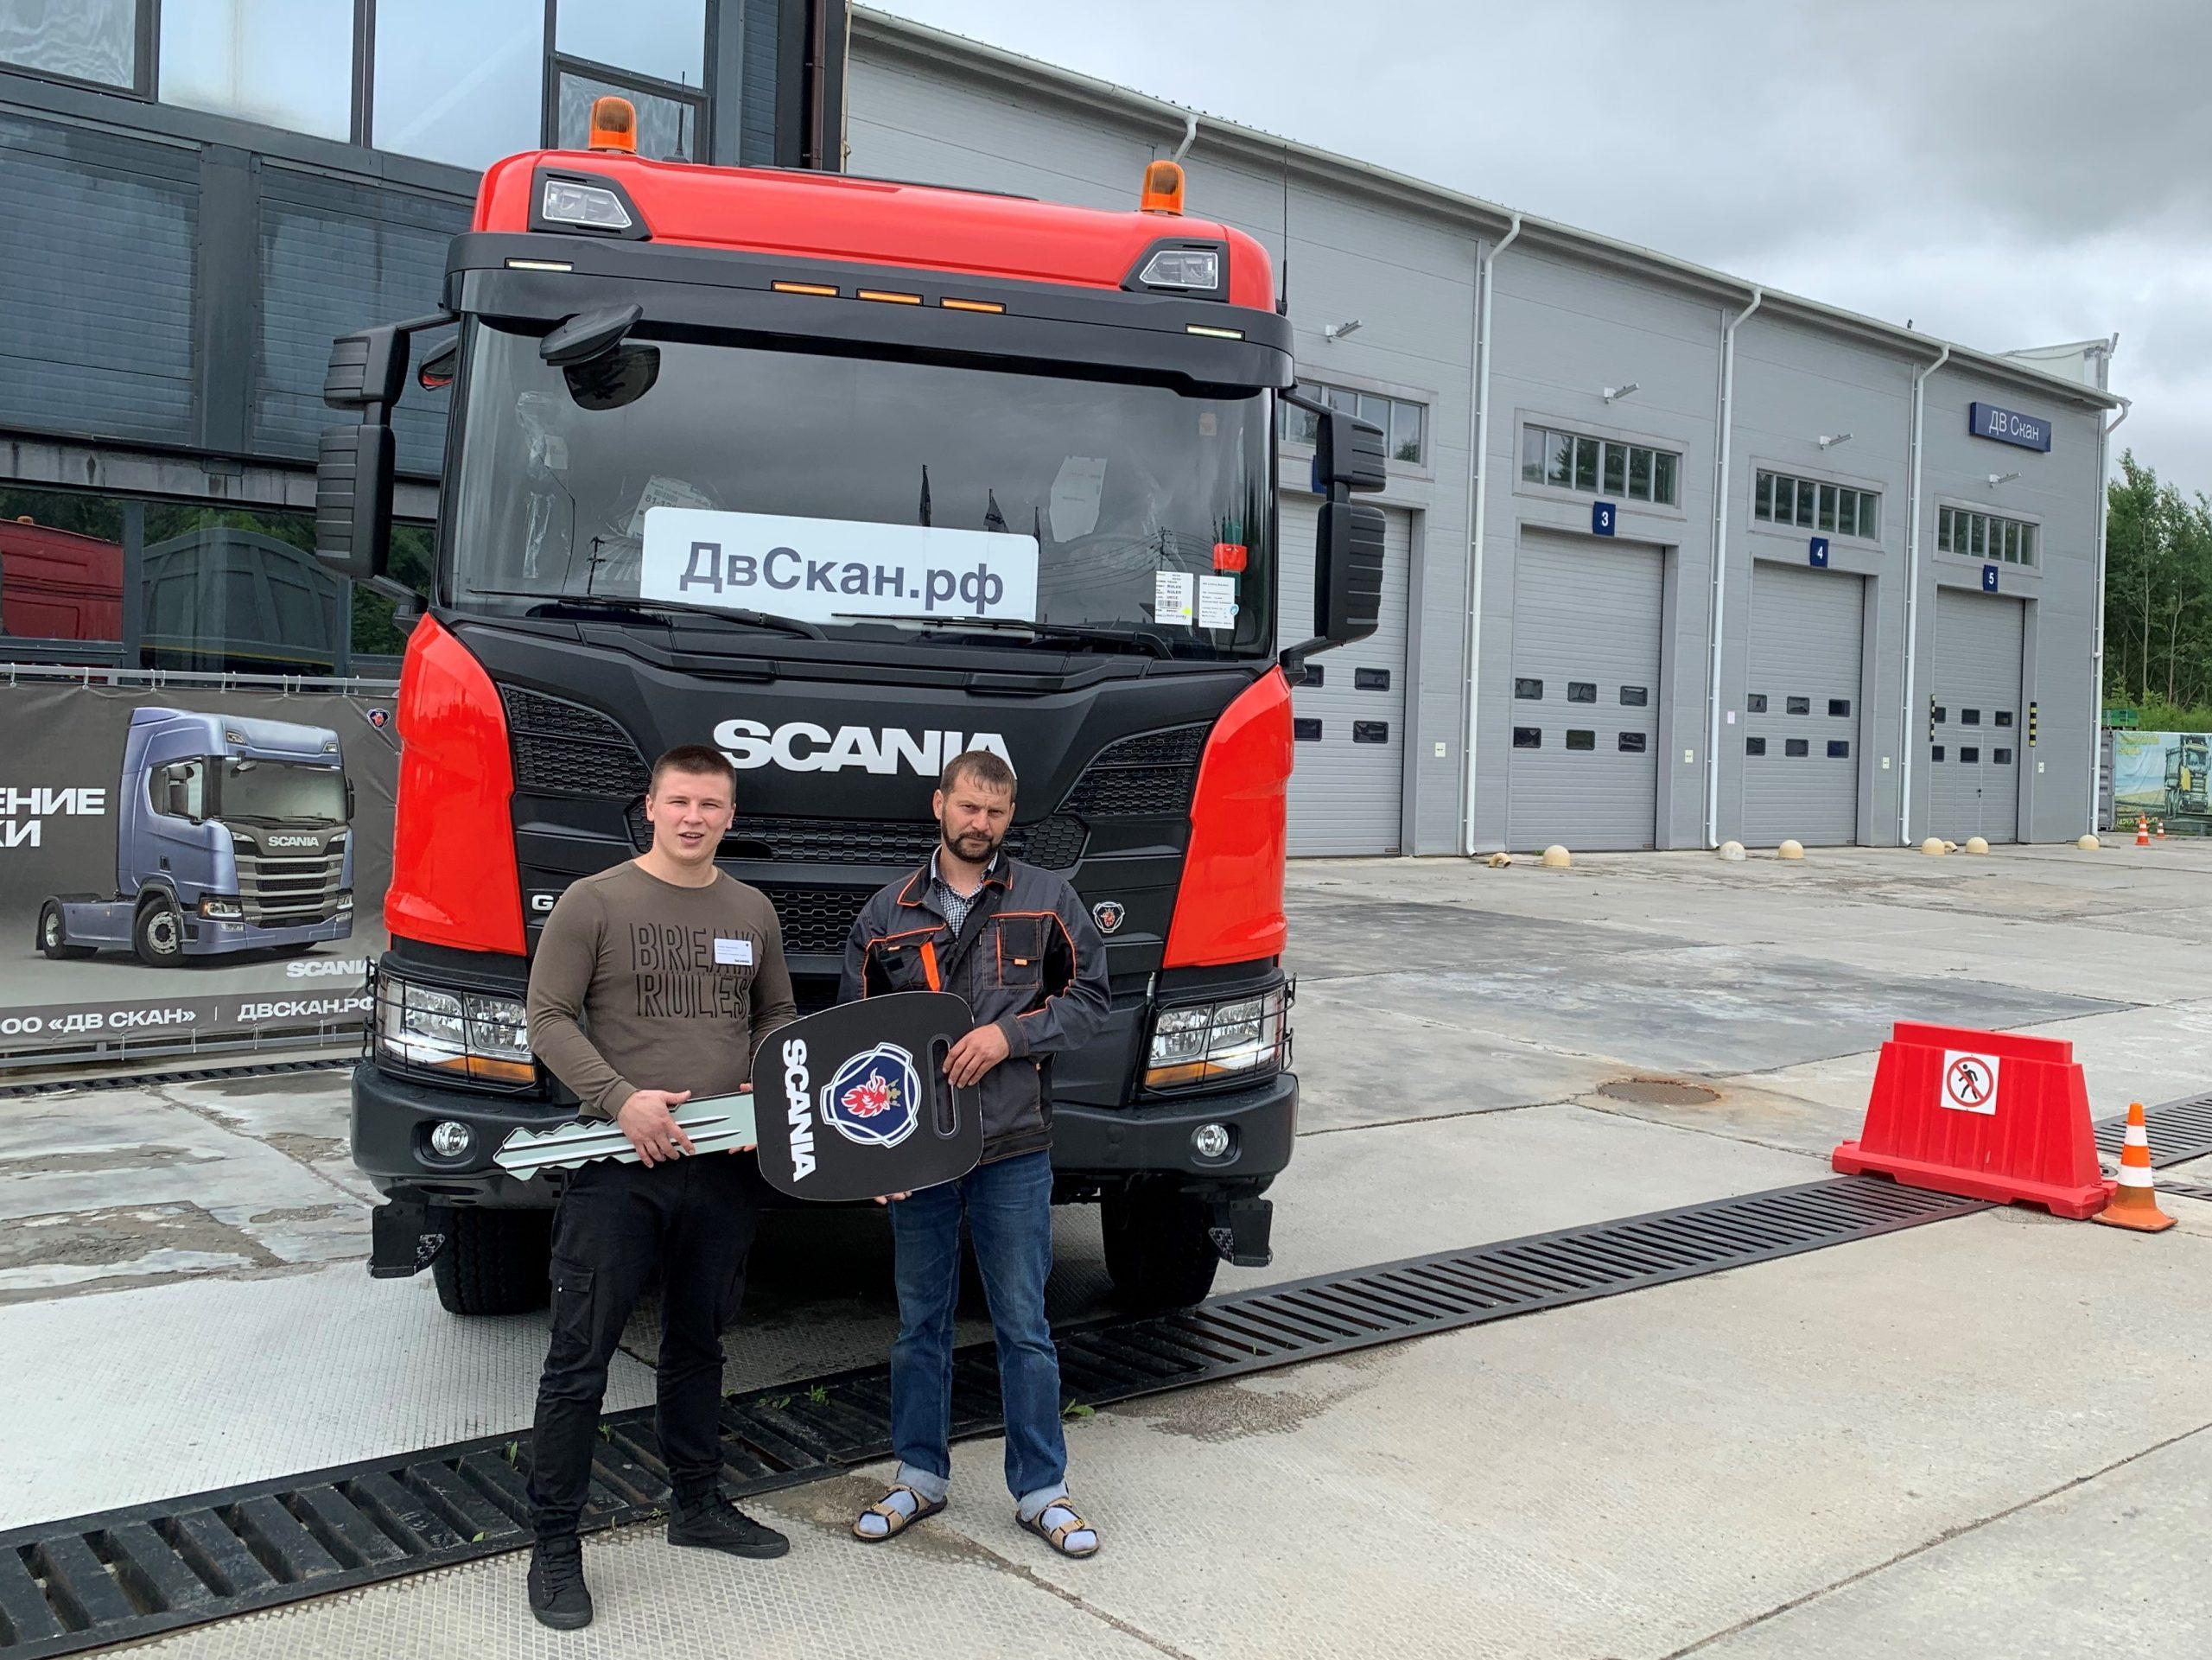 купить тягач Скания Scania 6х6 продажа тягачей 6х6 Хабаровск седельные тягачи Благовещенск